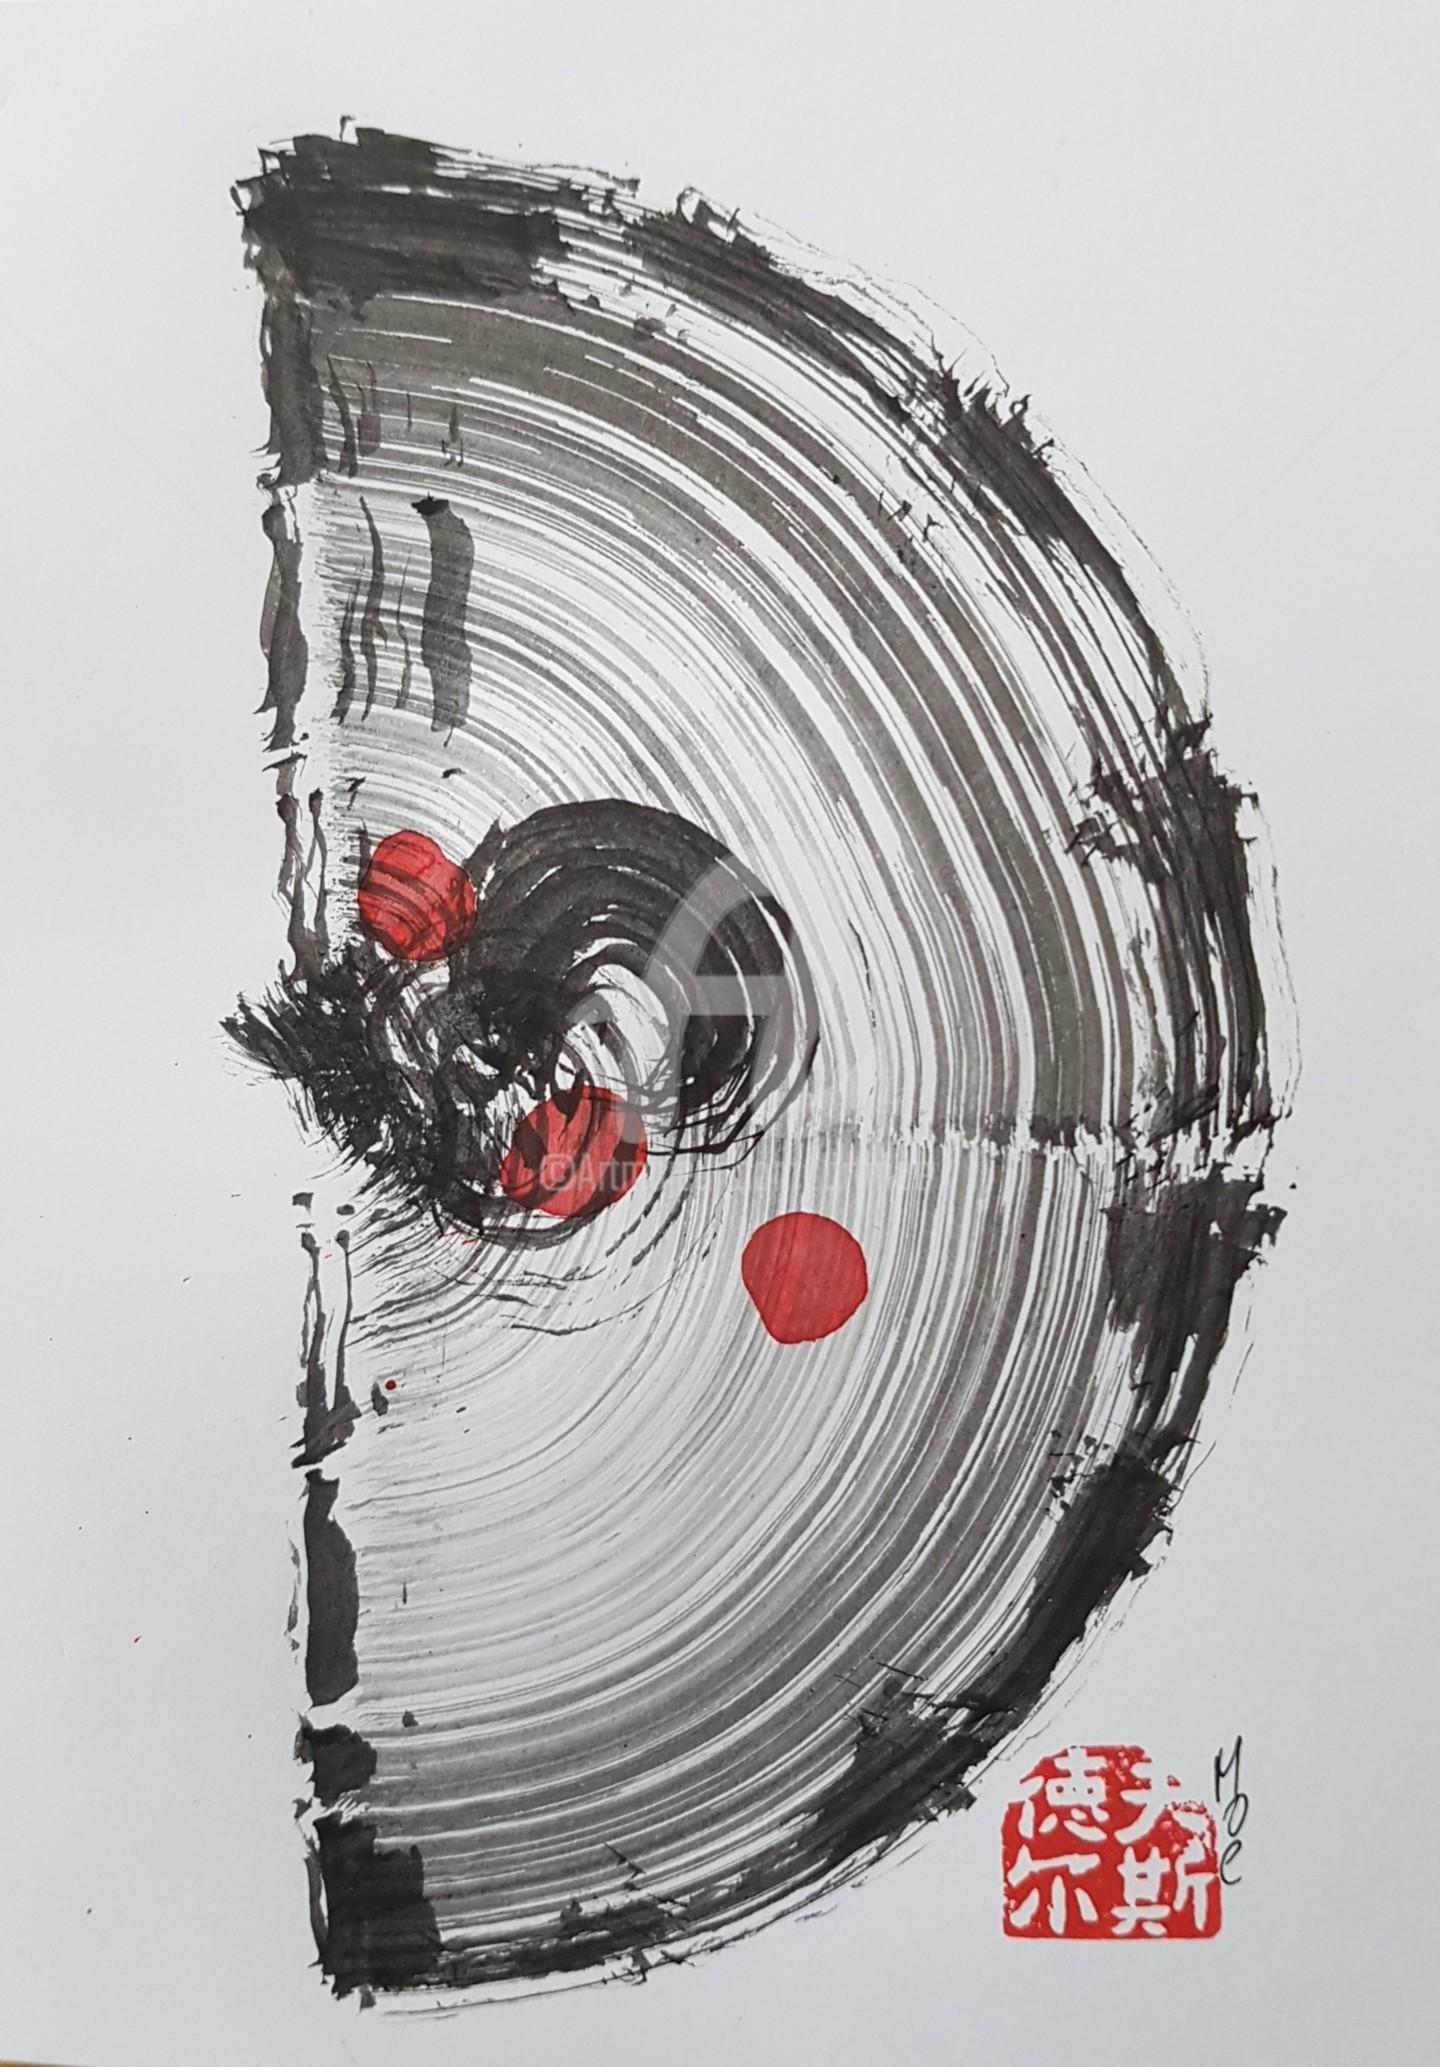 Art Moé - Sumi e Contemporary #15